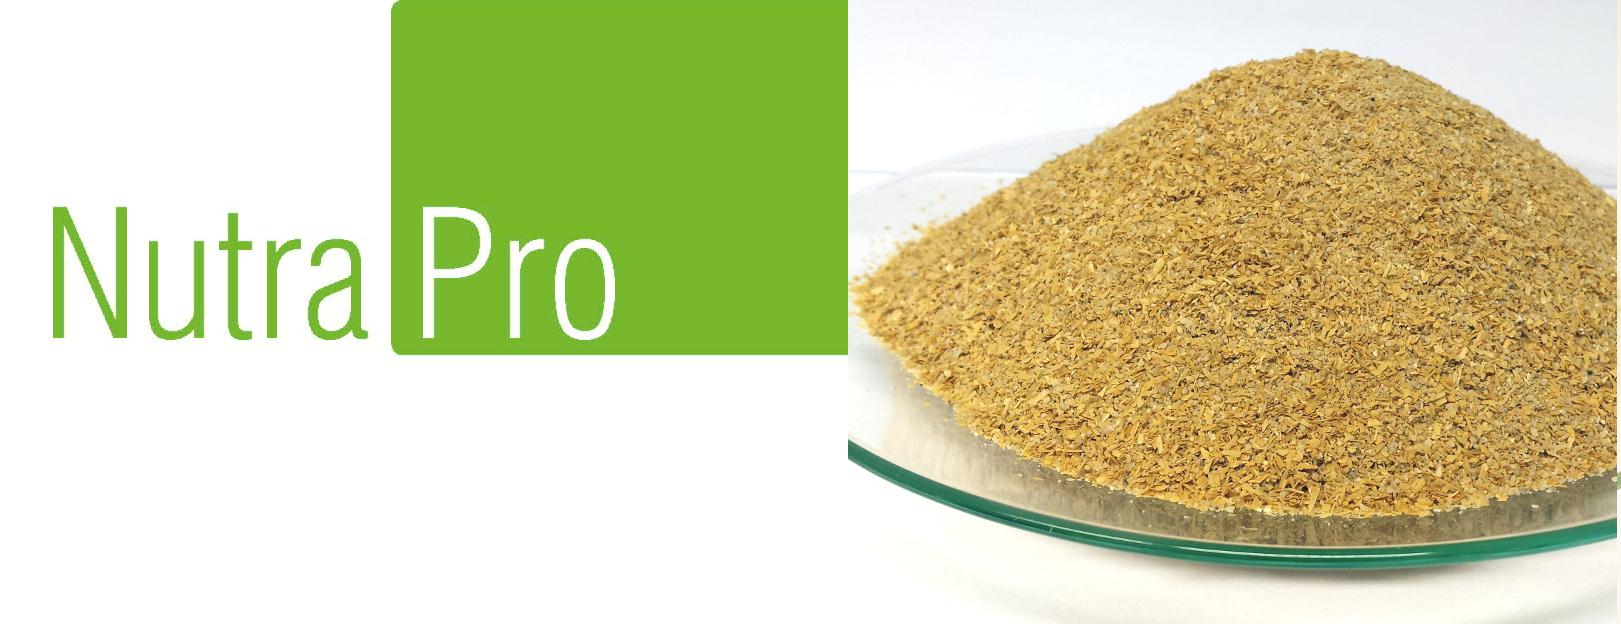 nutrapet systems produkte - nutrapro probiotische nahrungsergänzung für hunde katzen nutztiere vormischungen